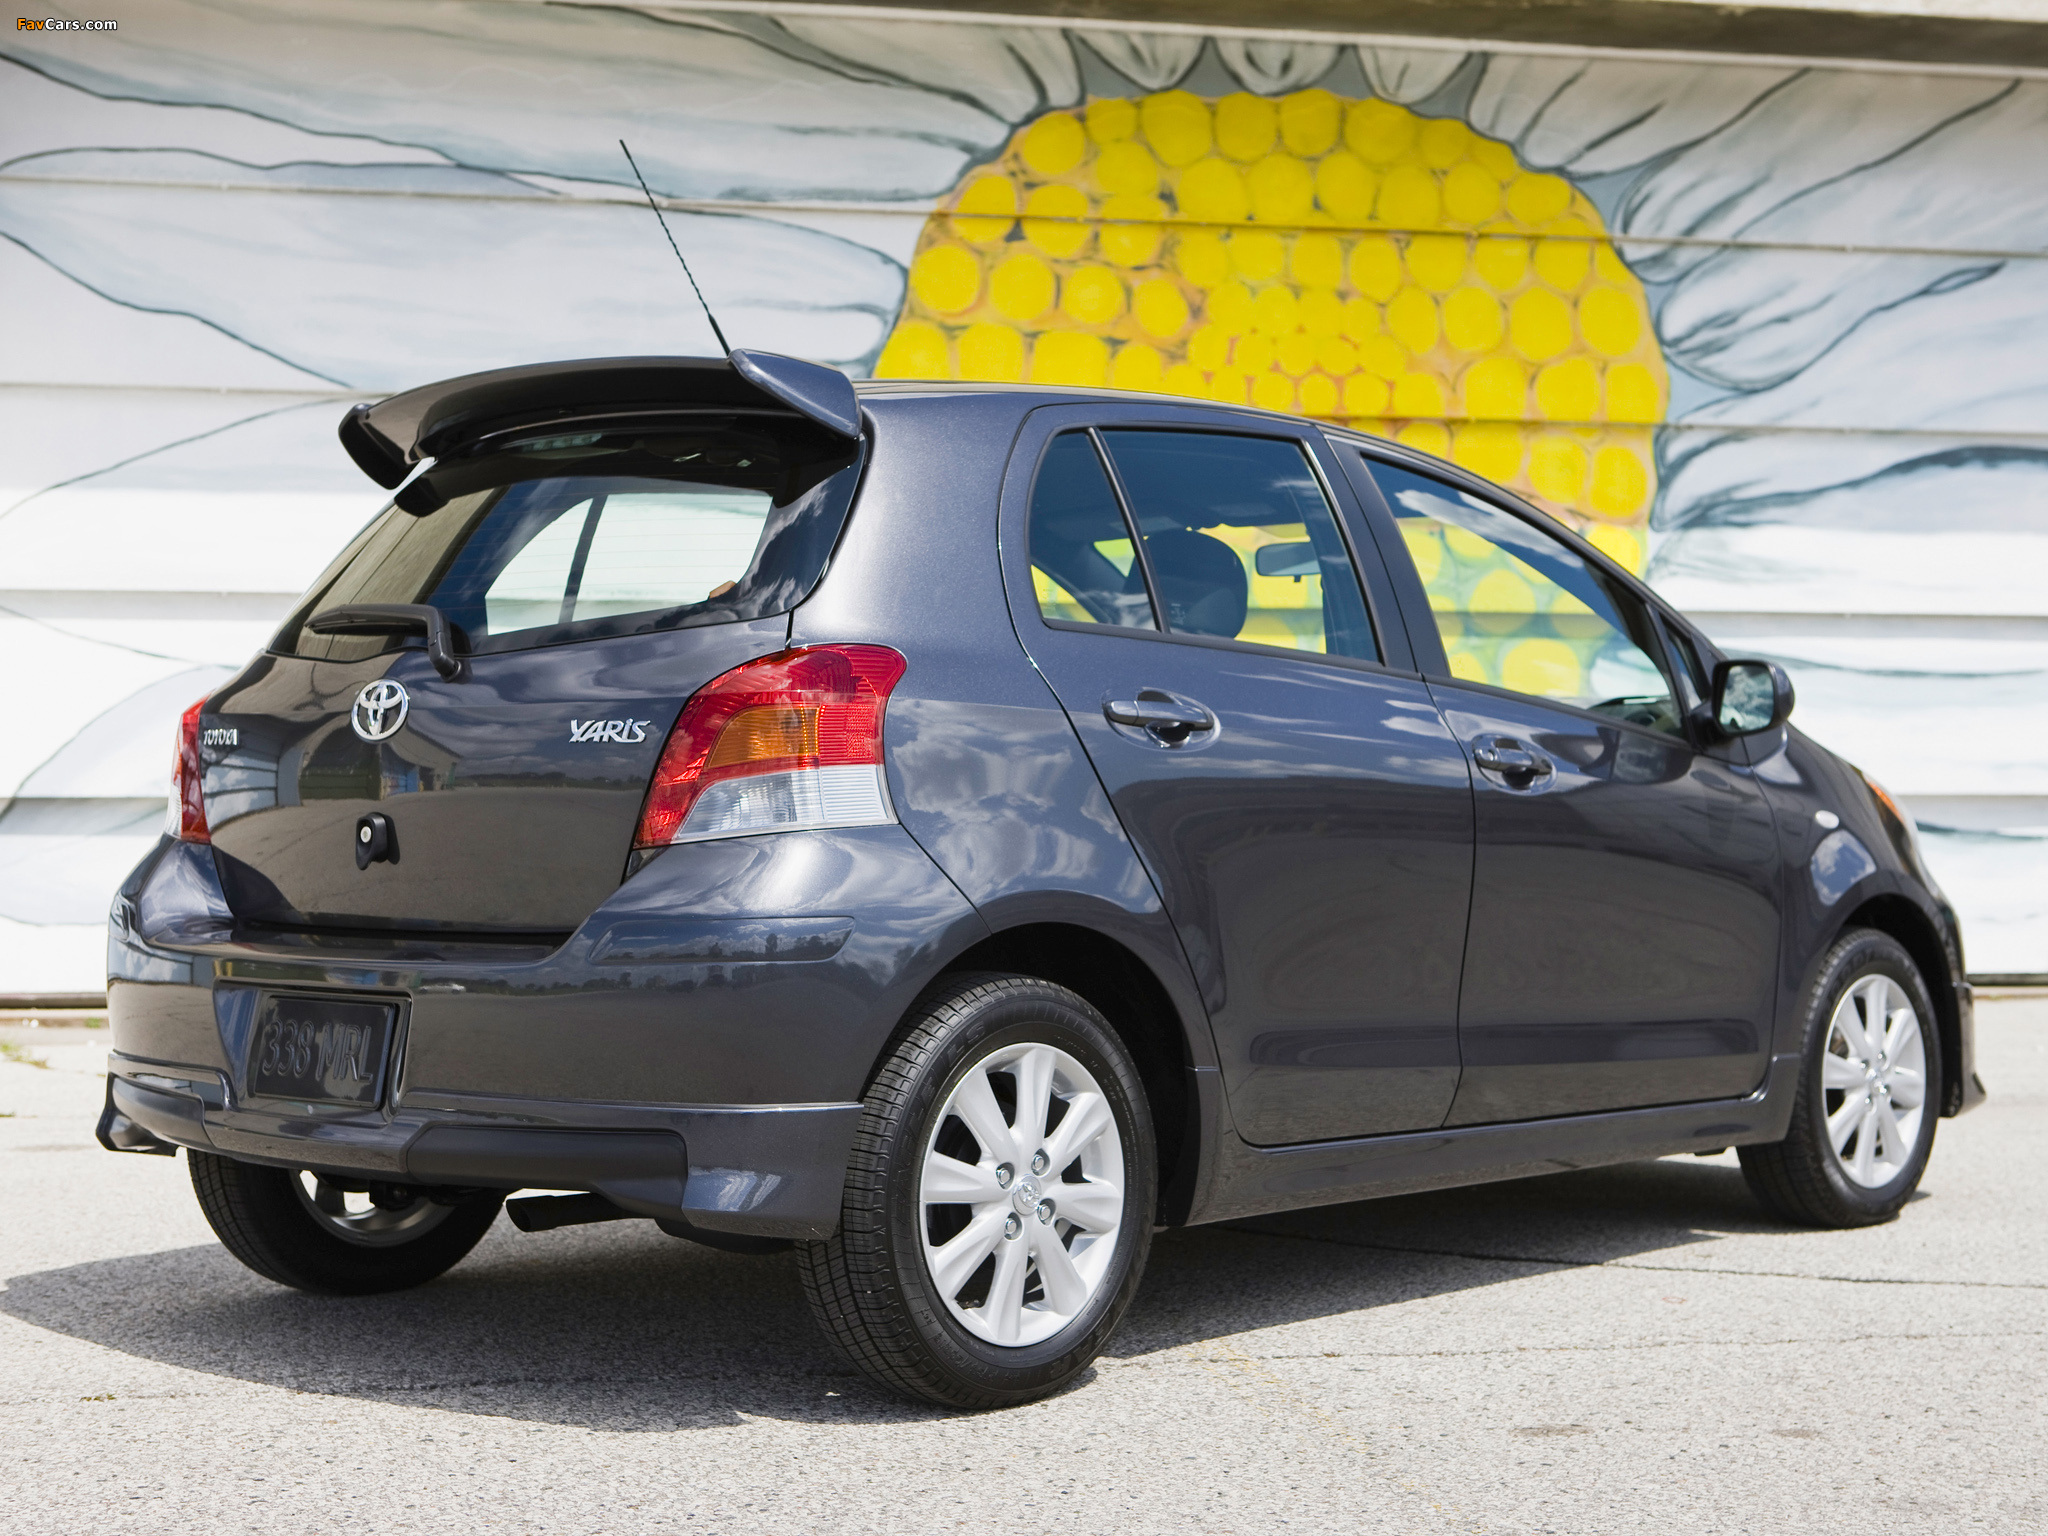 Kelebihan Kekurangan Toyota Yaris Rs Harga